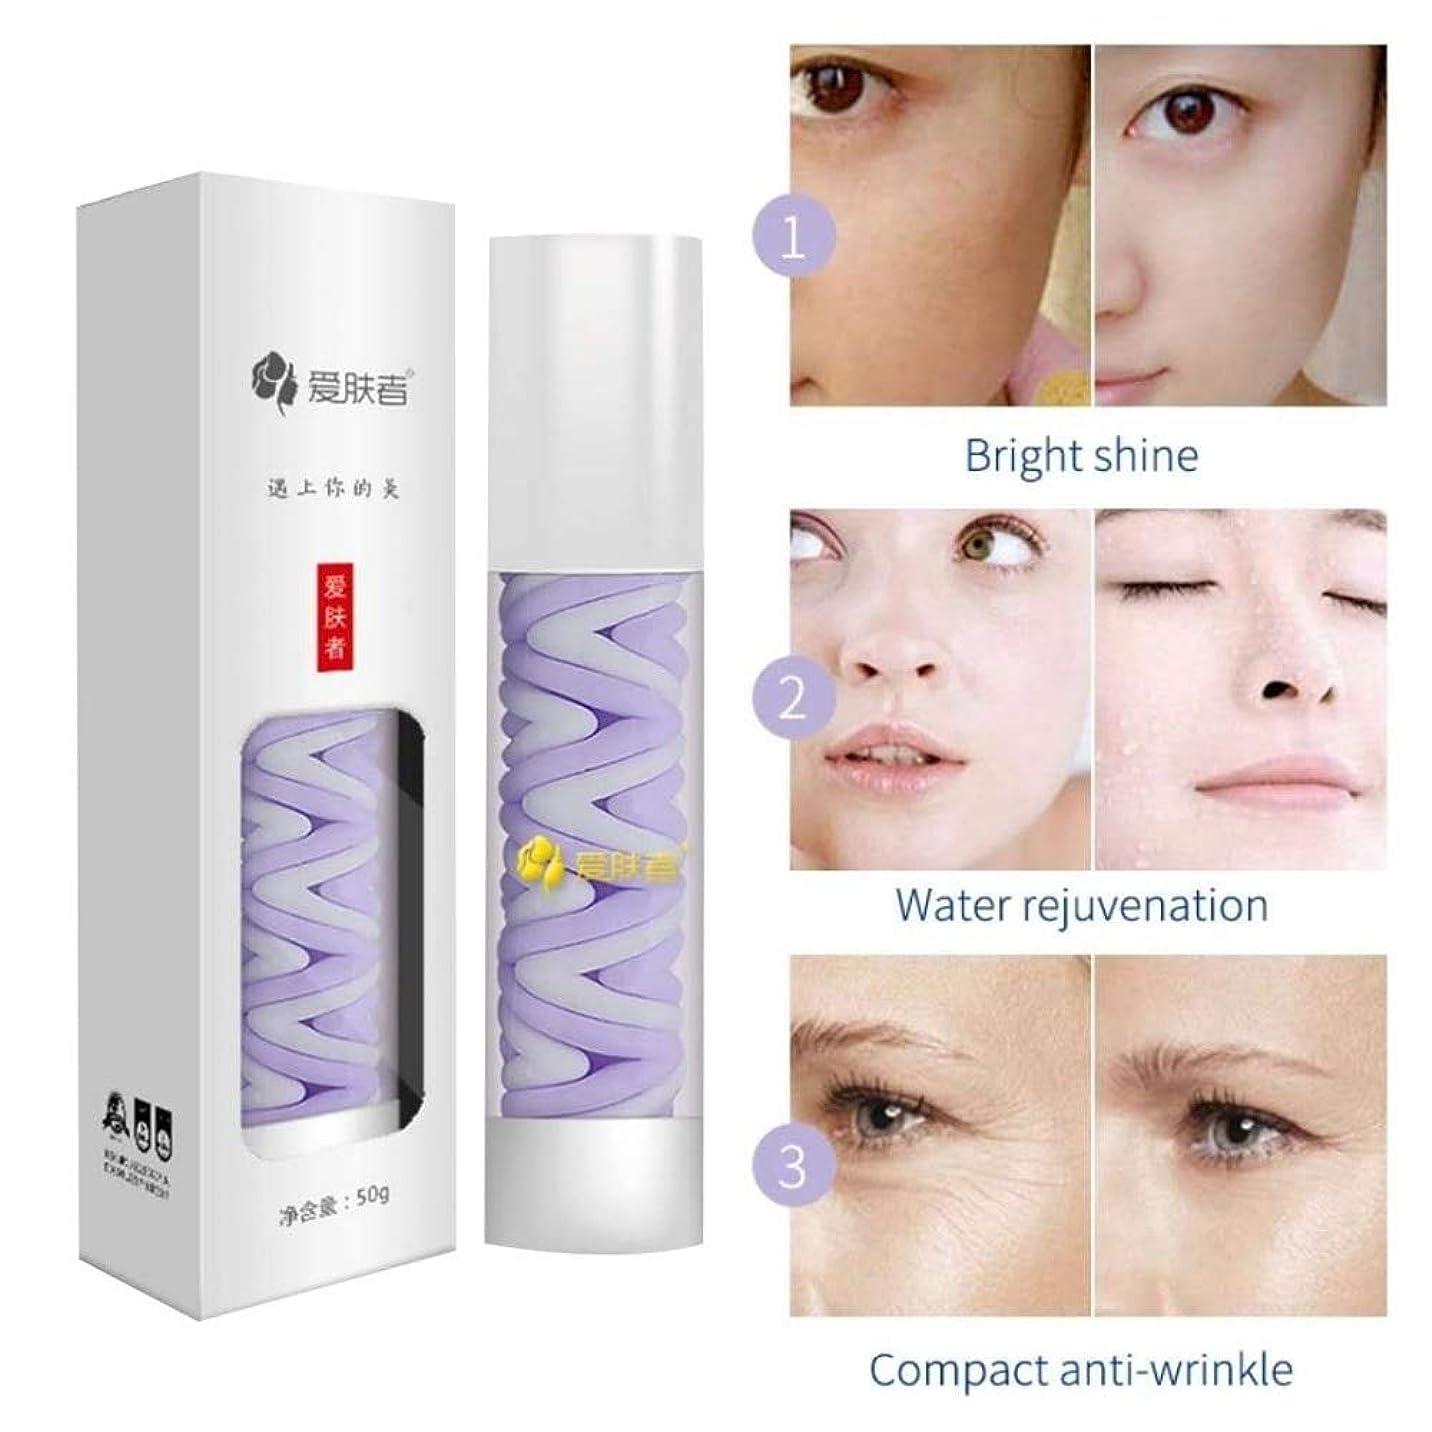 ブロッサム素朴なトロリーhialuronicoリフティングモイスチャライザー寧oをコラーゲンをエイジング保湿フェイスクリームhidratante顔のアンチリンクルケア